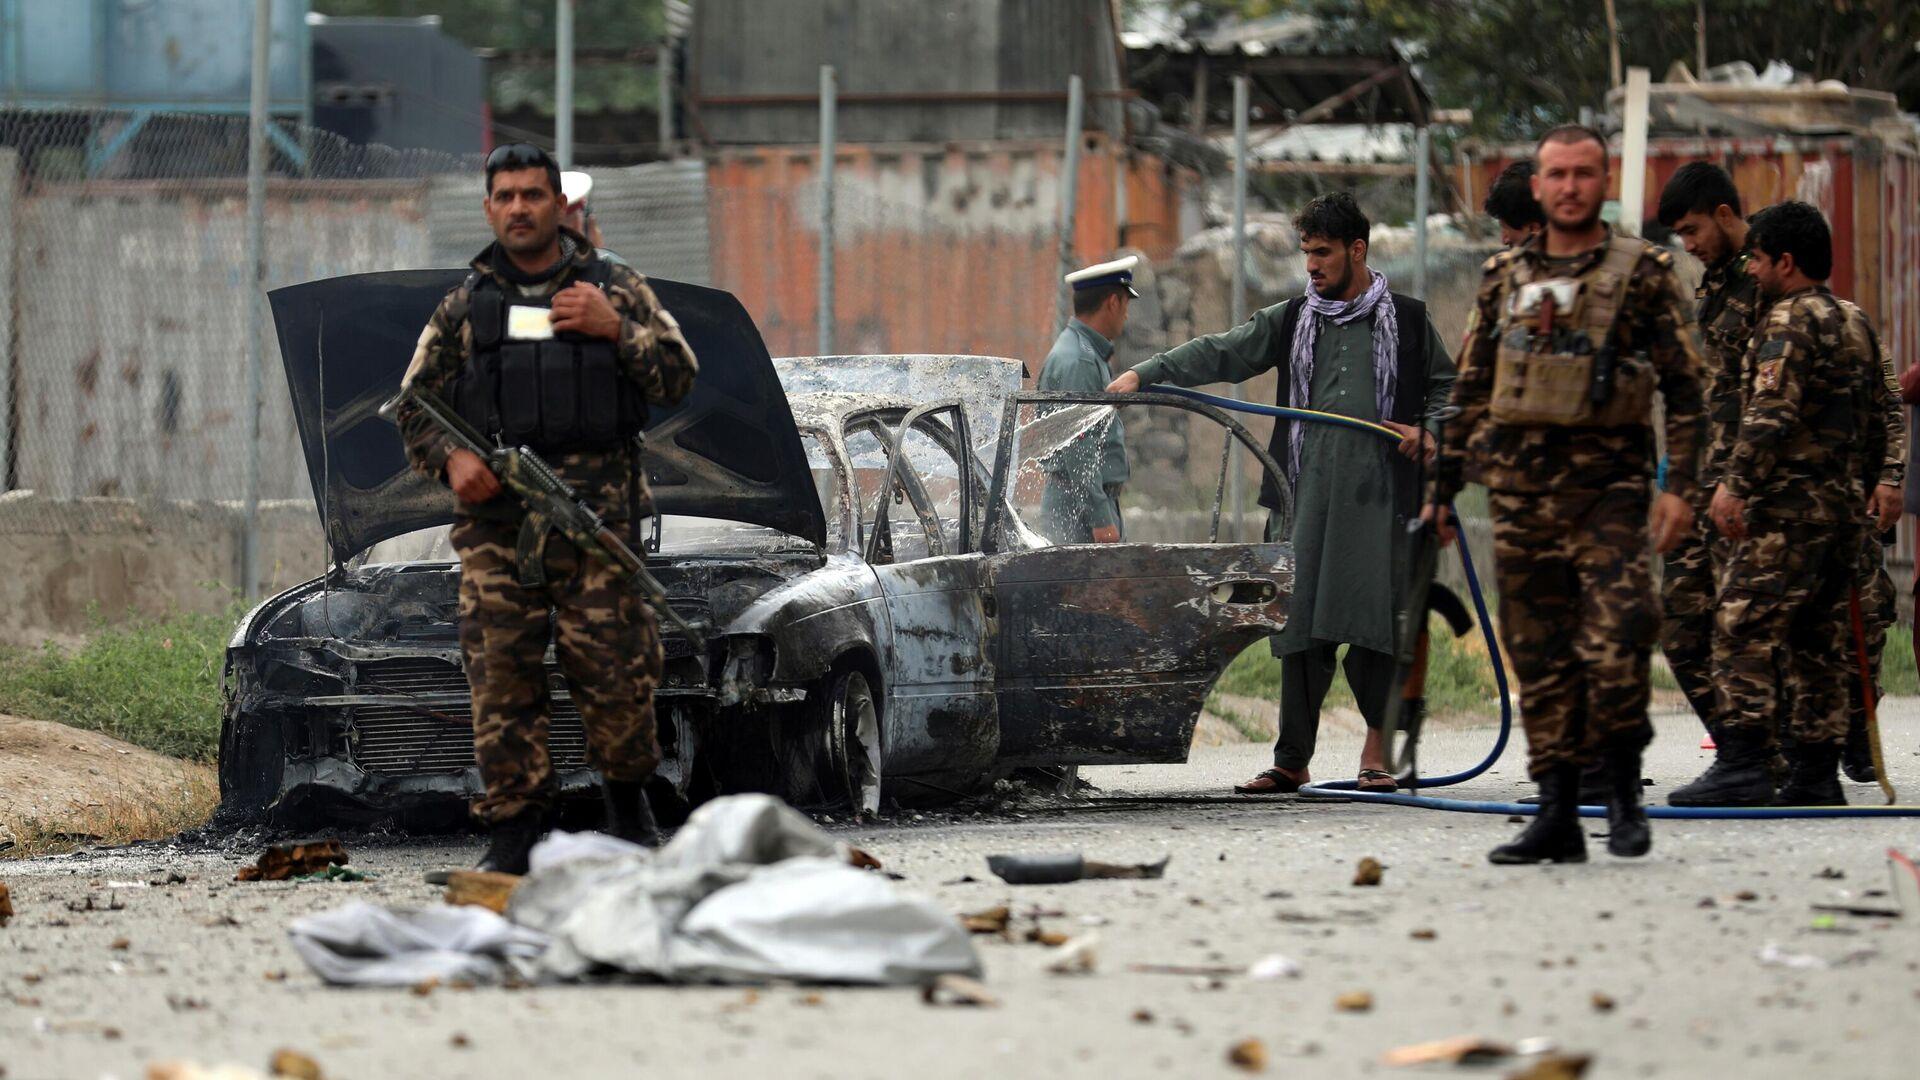 Bezbednosne snage u centru Kabula nakon što su rakete pale kod predsedničke palate - Sputnik Srbija, 1920, 13.08.2021